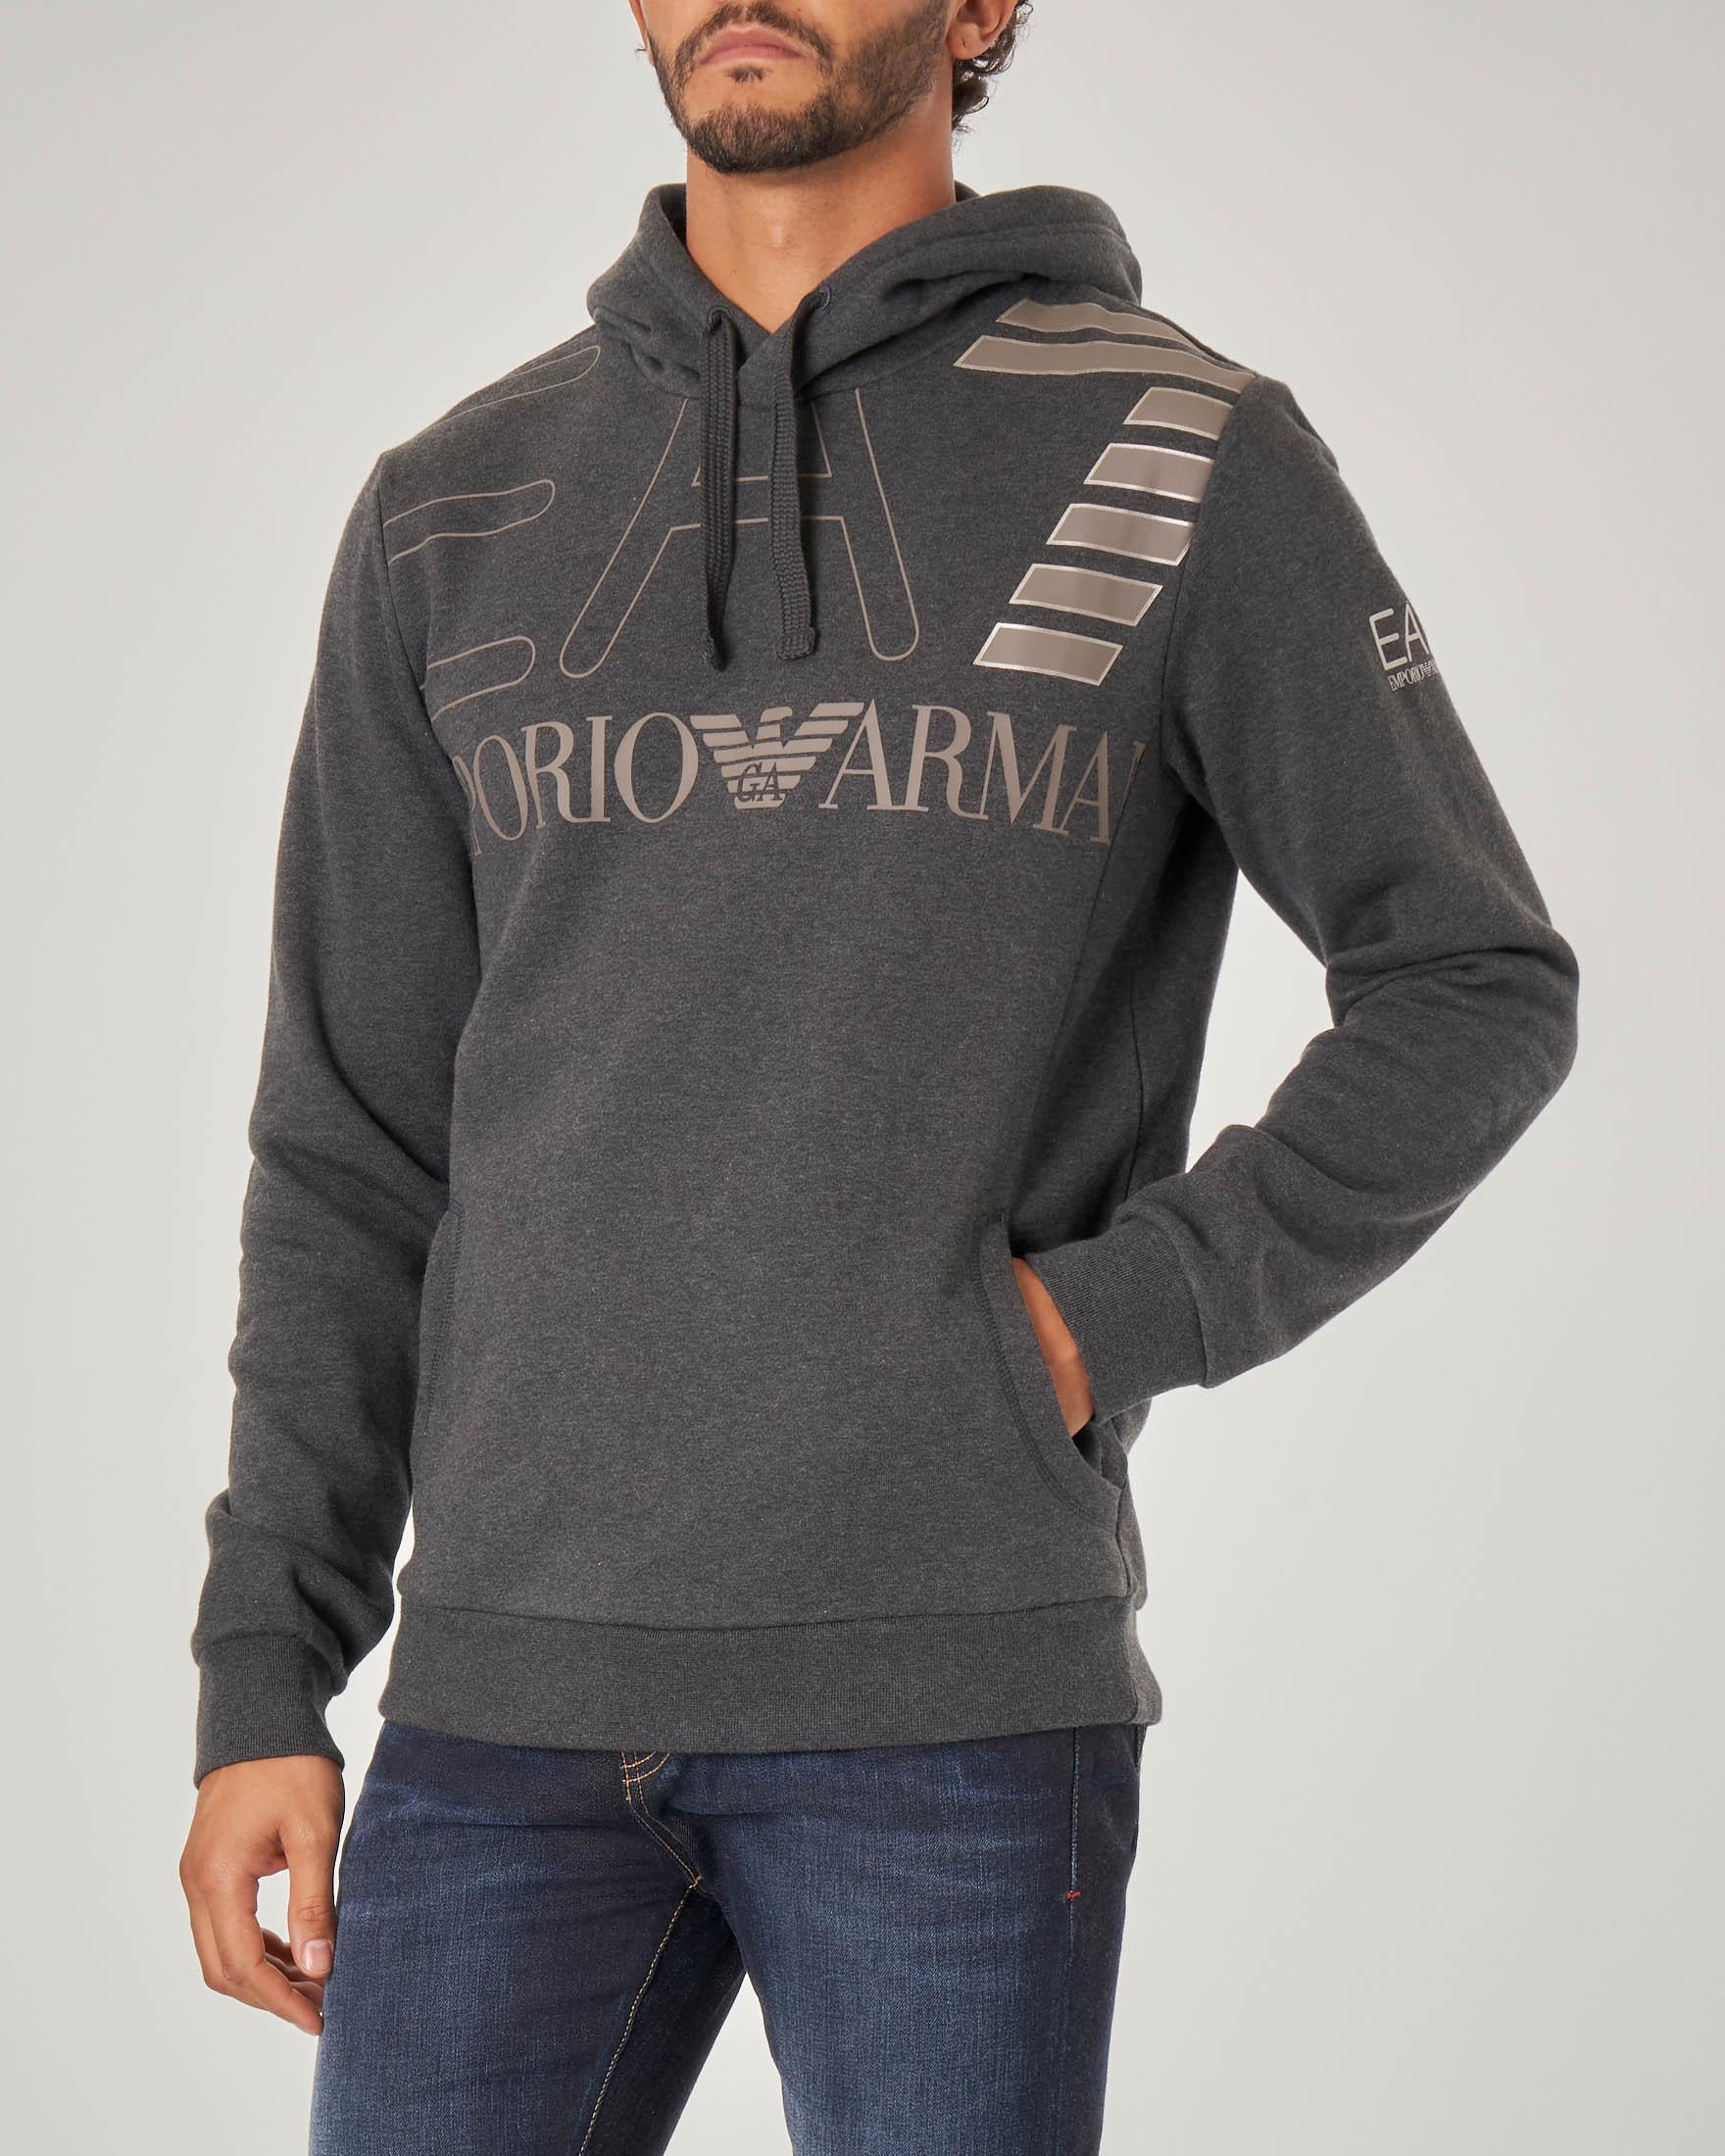 Felpa grigio antracite con cappuccio e maxi-logo stampato sul petto